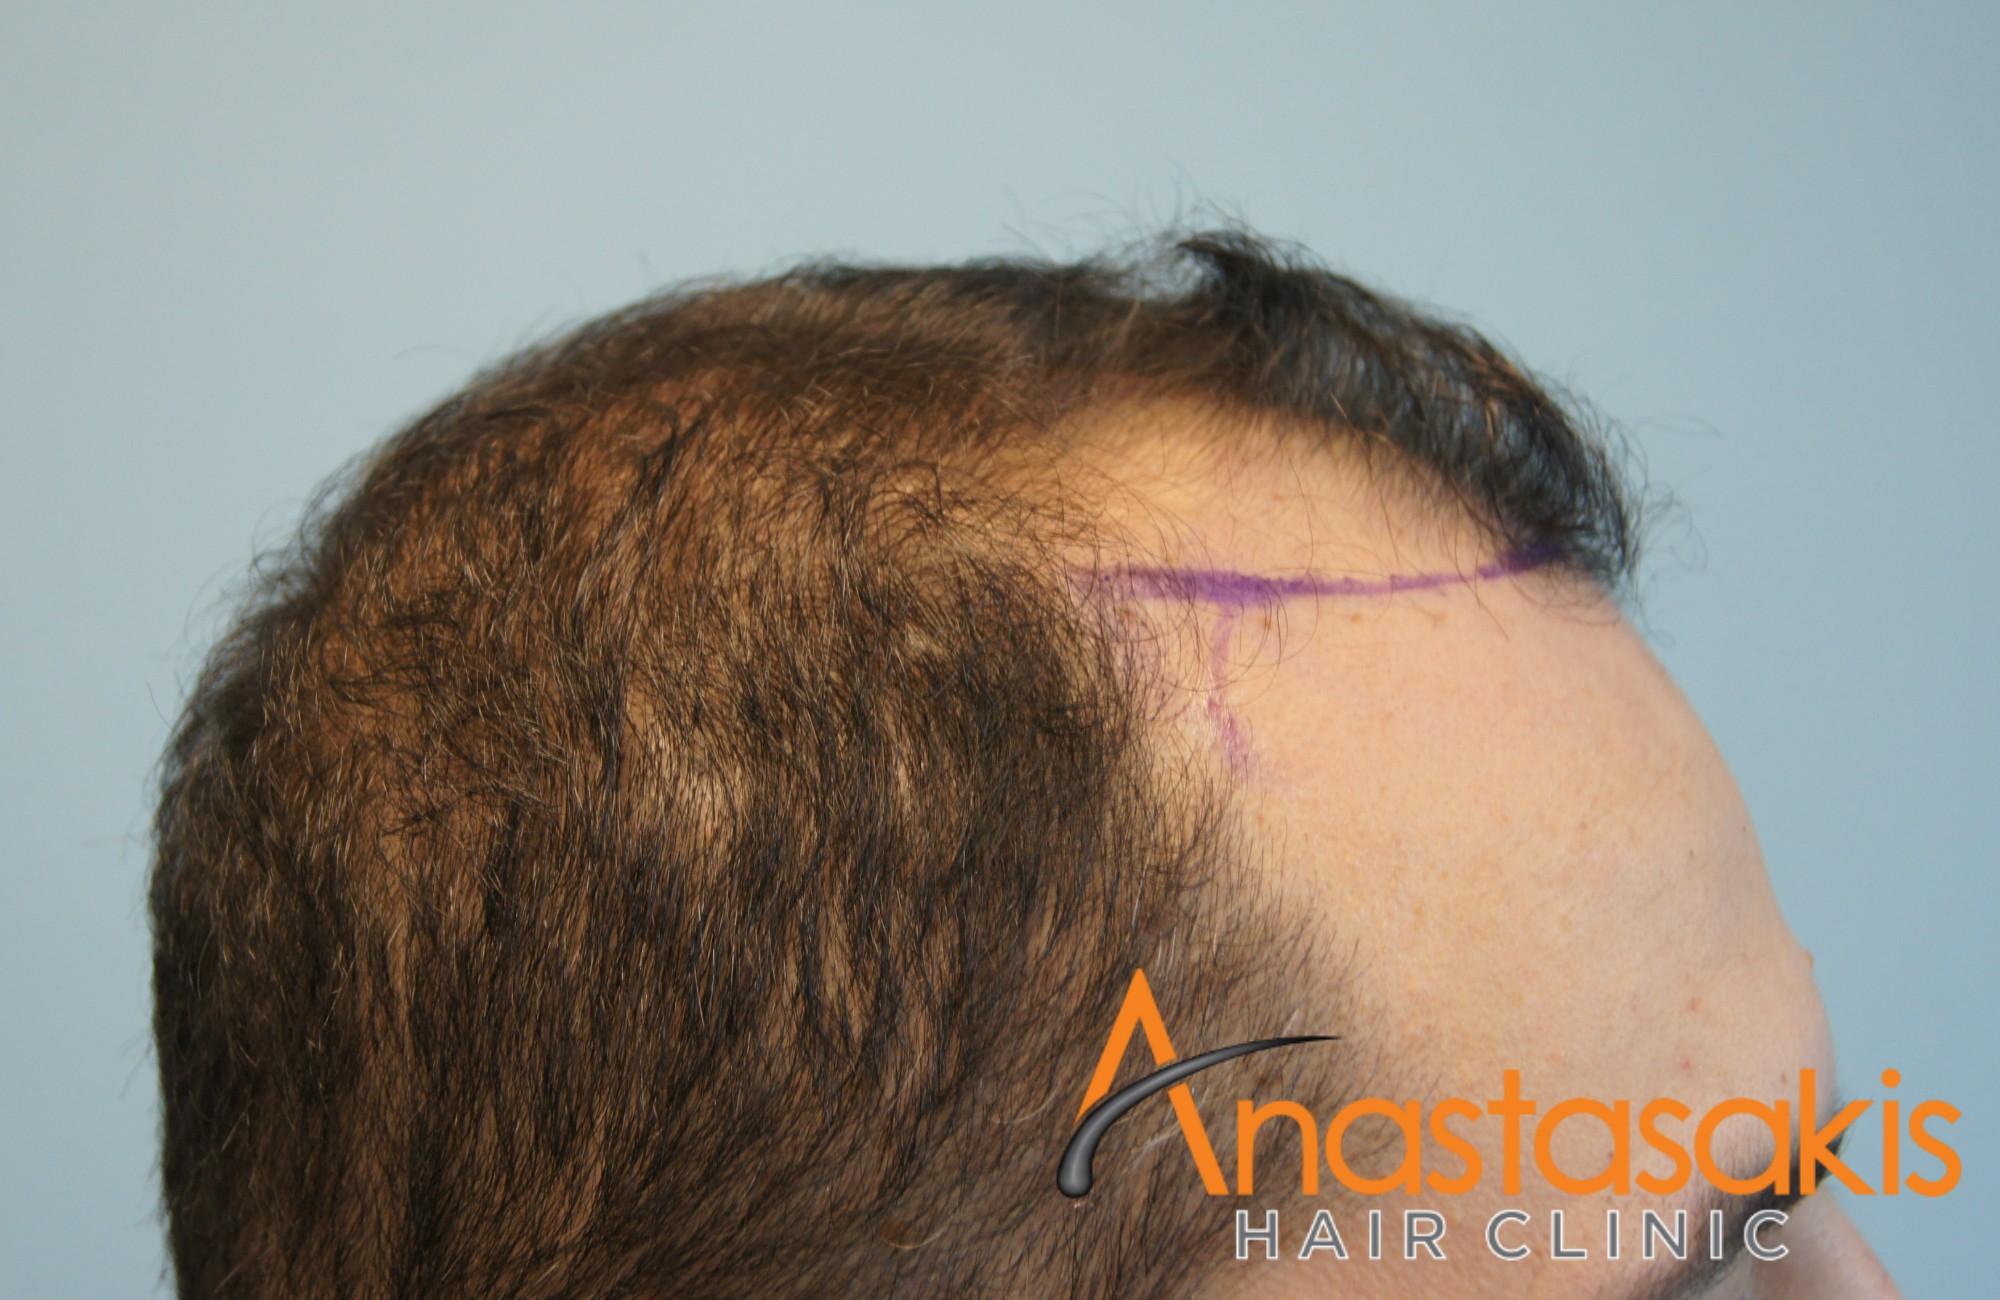 ασθενής πριν την εμφύτευση μαλλιών fue με 1600fus αριστερό προφίλ